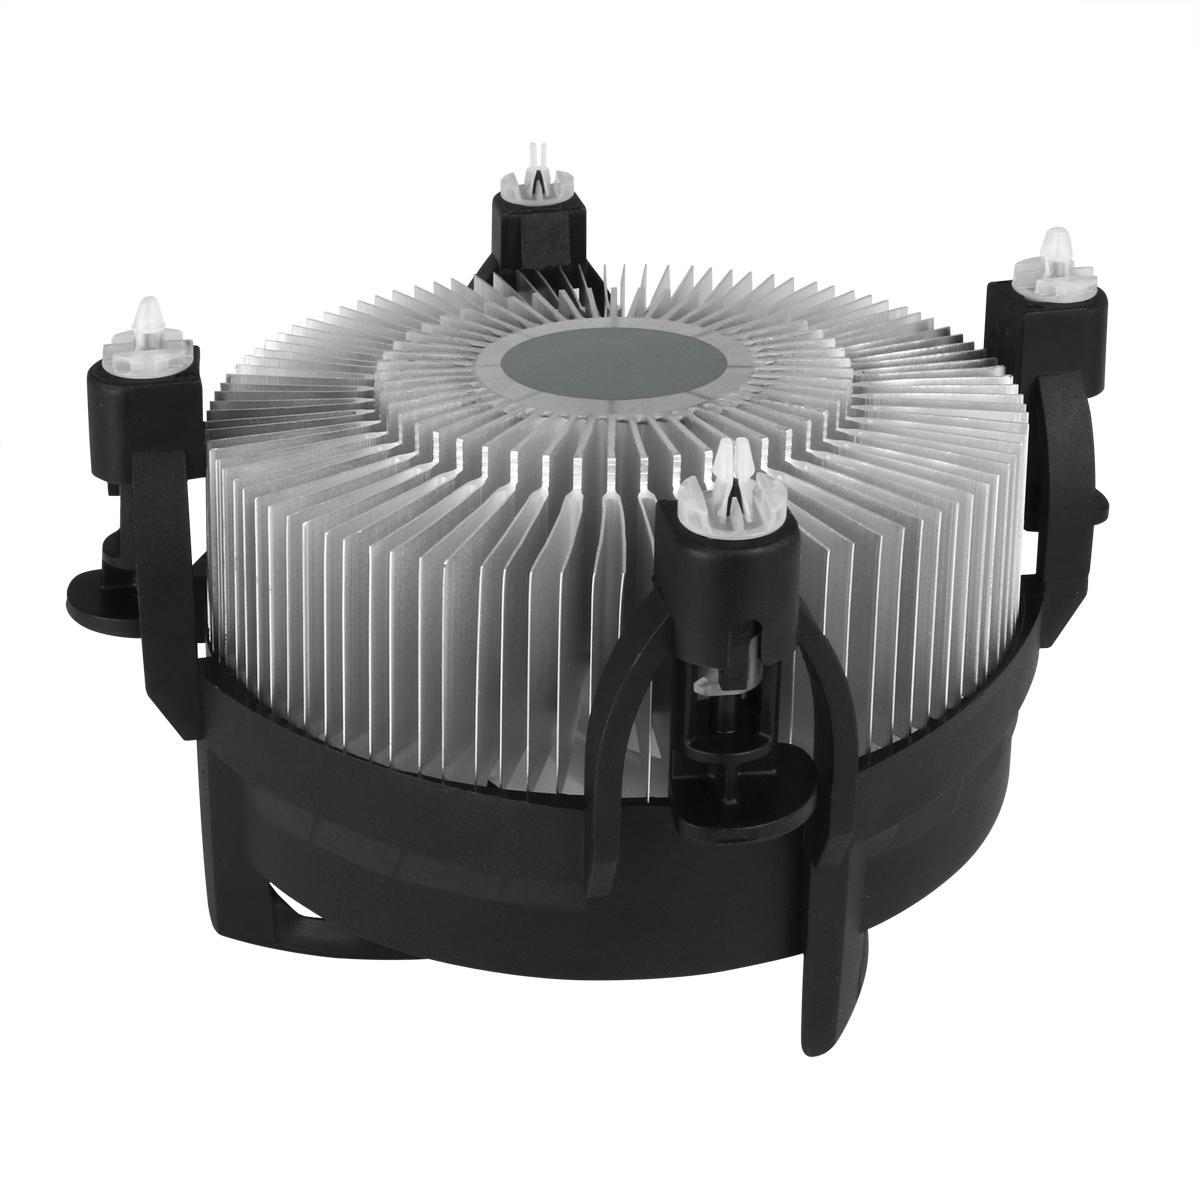 Охладител за процесор Arctic Alpine 12, 1151/1150/1155/1156/2066/2011(-3)/1366/775-4